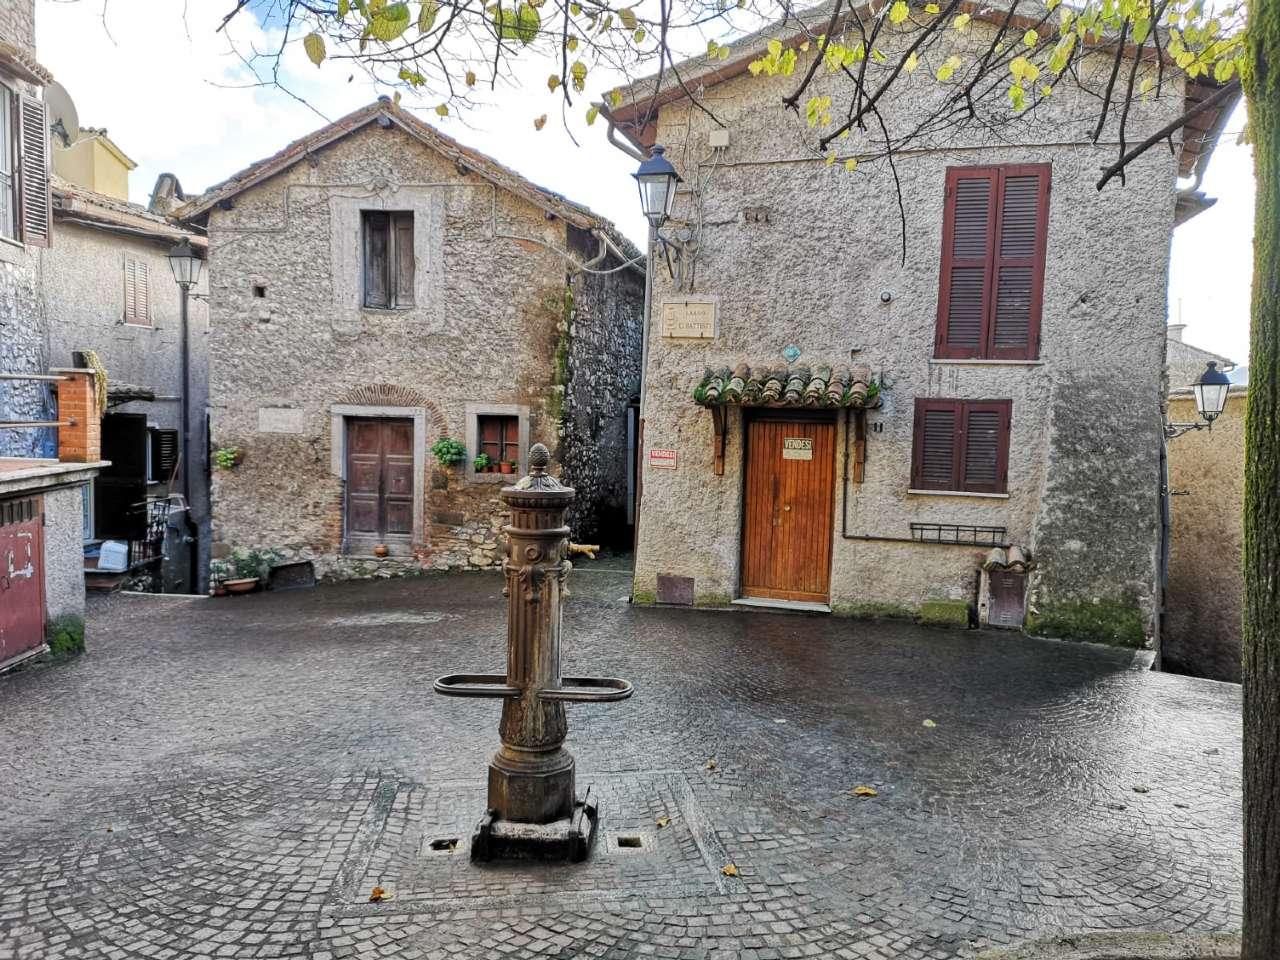 Appartamento in vendita a Ciciliano, 2 locali, prezzo € 35.000 | CambioCasa.it